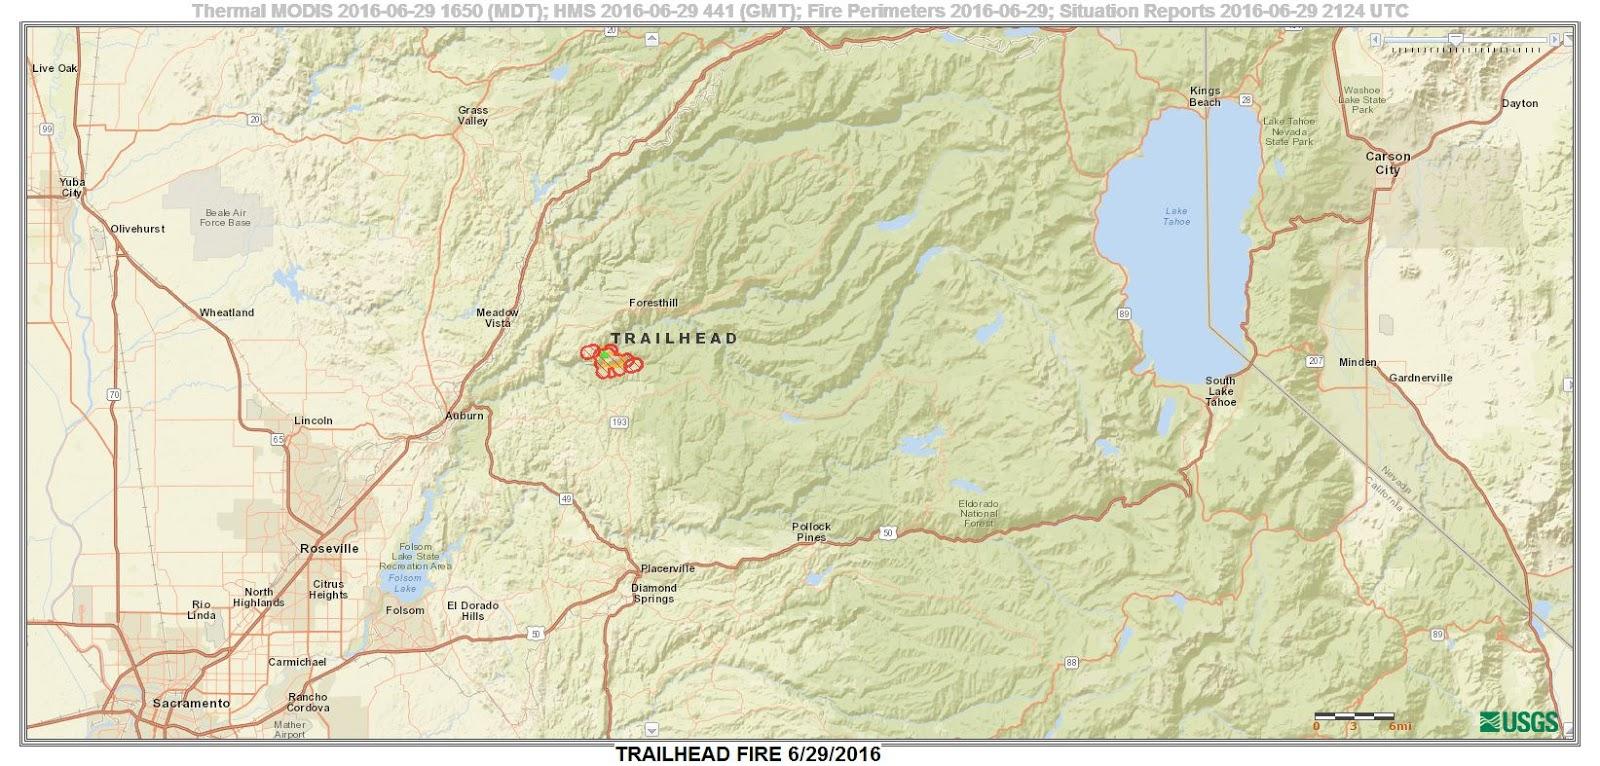 CFN - CALIFORNIA FIRE NEWS - CAL FIRE NEWS : CA-NEU Trailhead Fire Ca National Forest Map on